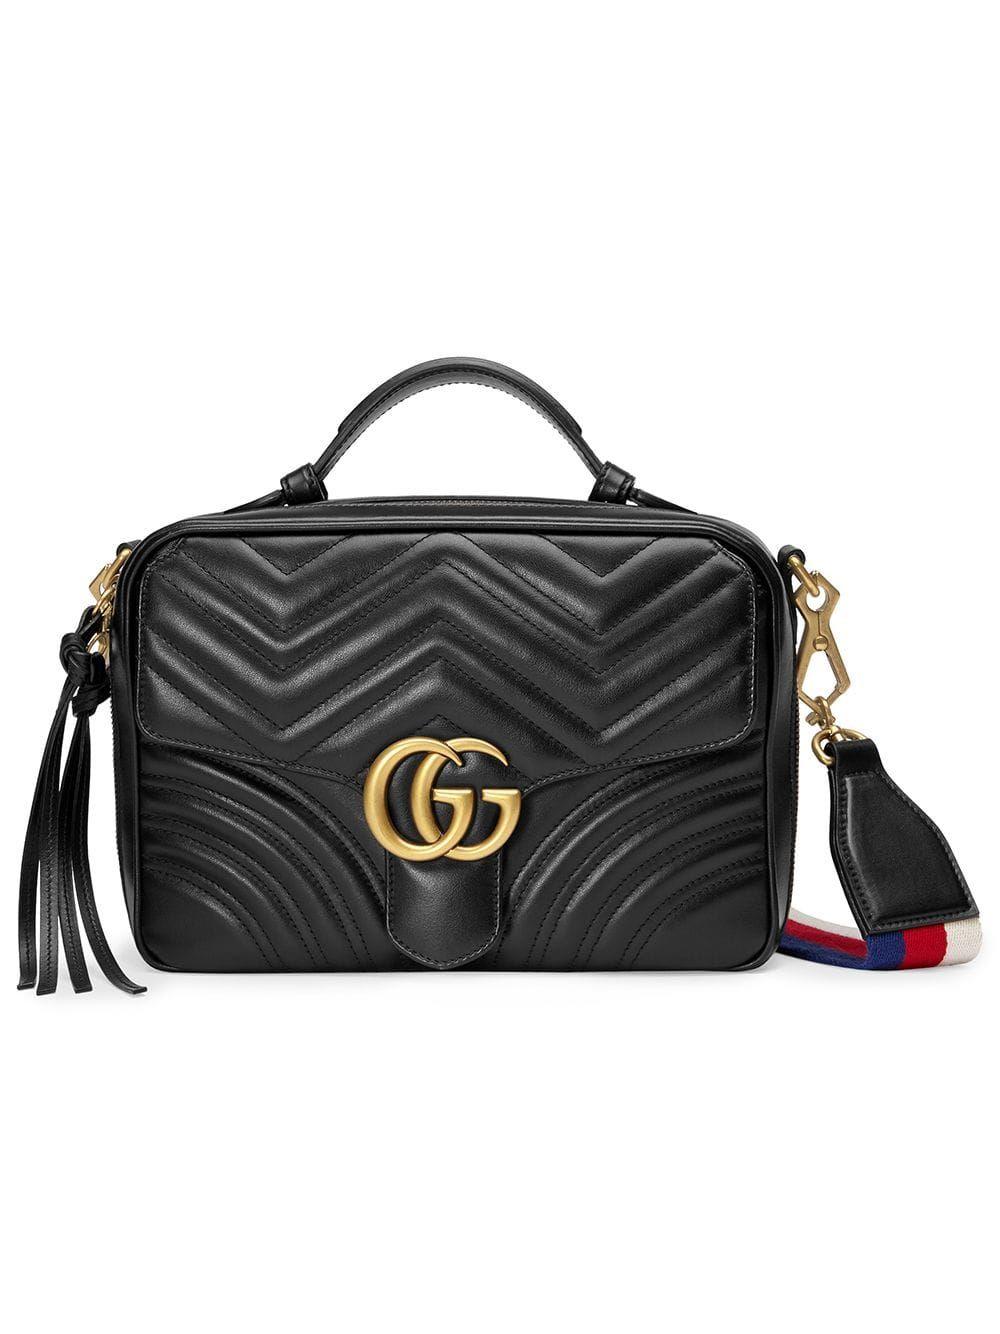 Bolso de hombro Gucci GG Marmont matelassé - Negro... #bolso #Gucci #hombro #Marmont #matelassé